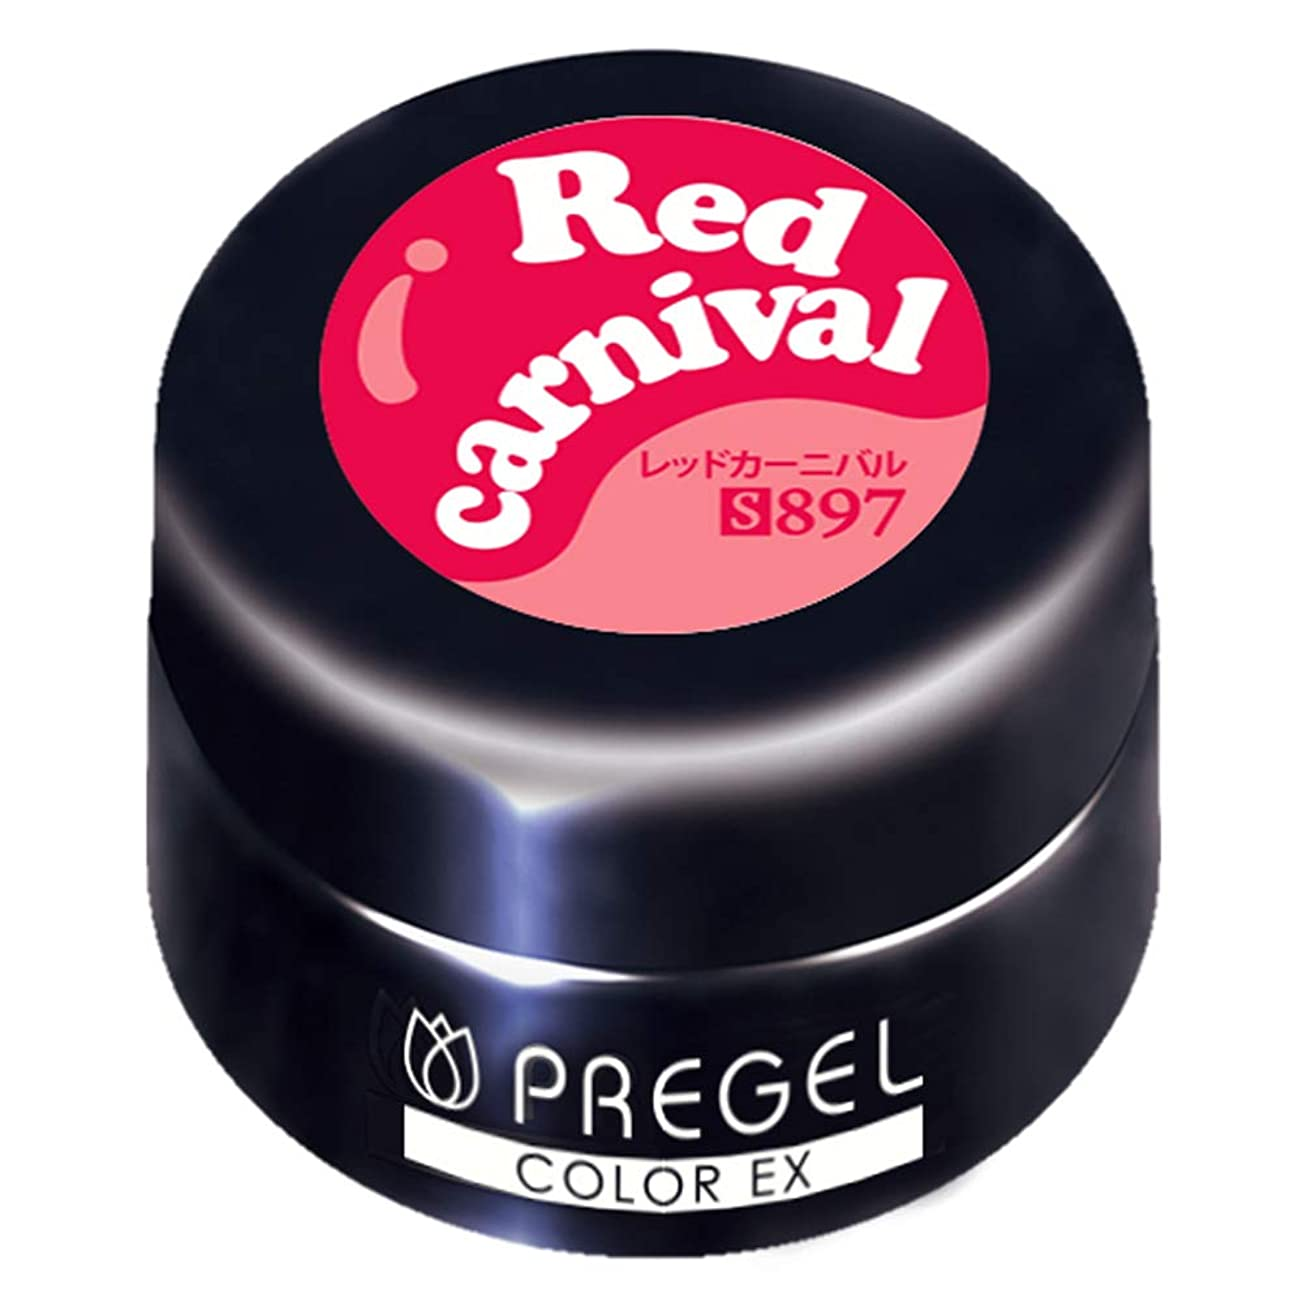 セミナー受け入れ地理PRE GEL カラーEX レッドカーニバル 3g PG-CE897